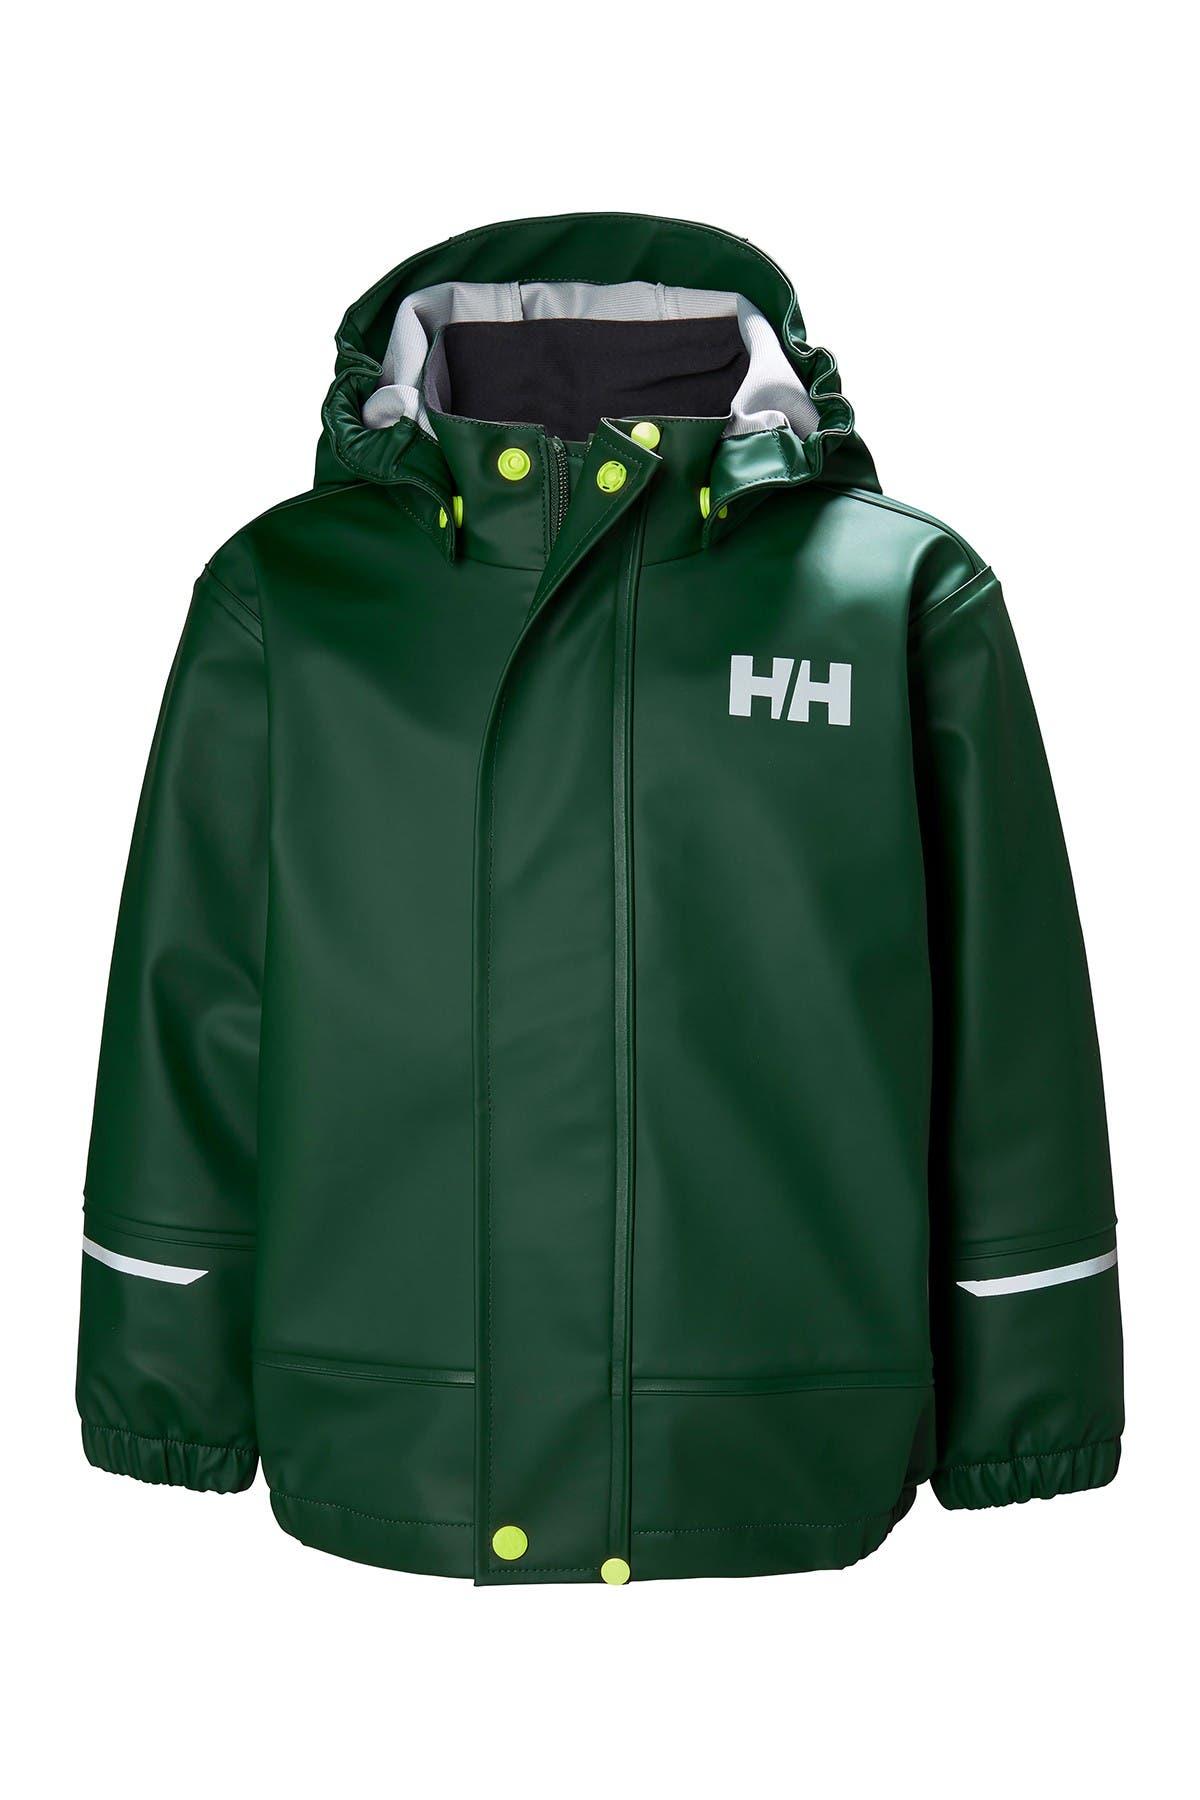 Helly-Hansen Unisex Kids Jr Moss Waterproof Rain Shell Jacket